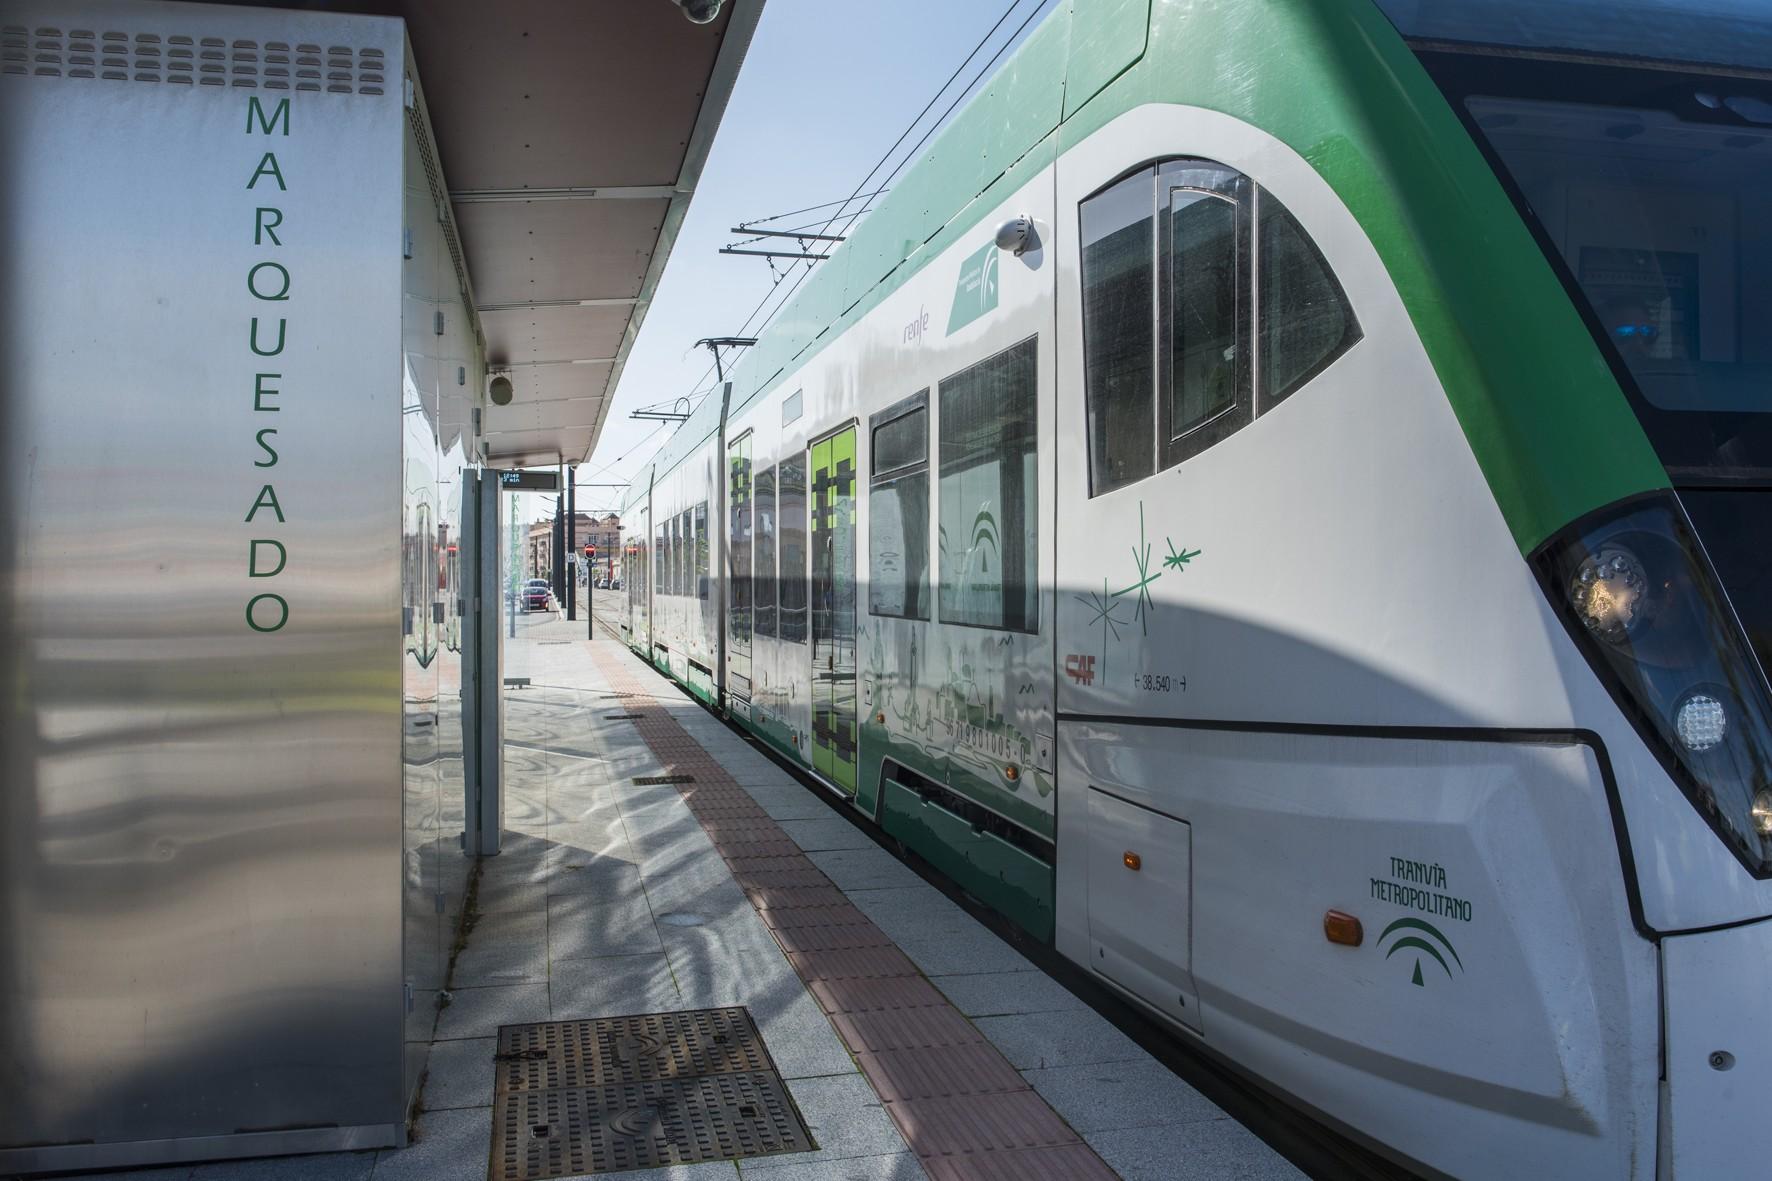 El contrato de mantenimiento de las máquinas de billetaje es imprescindible para la puesta en servicio del tranvía.